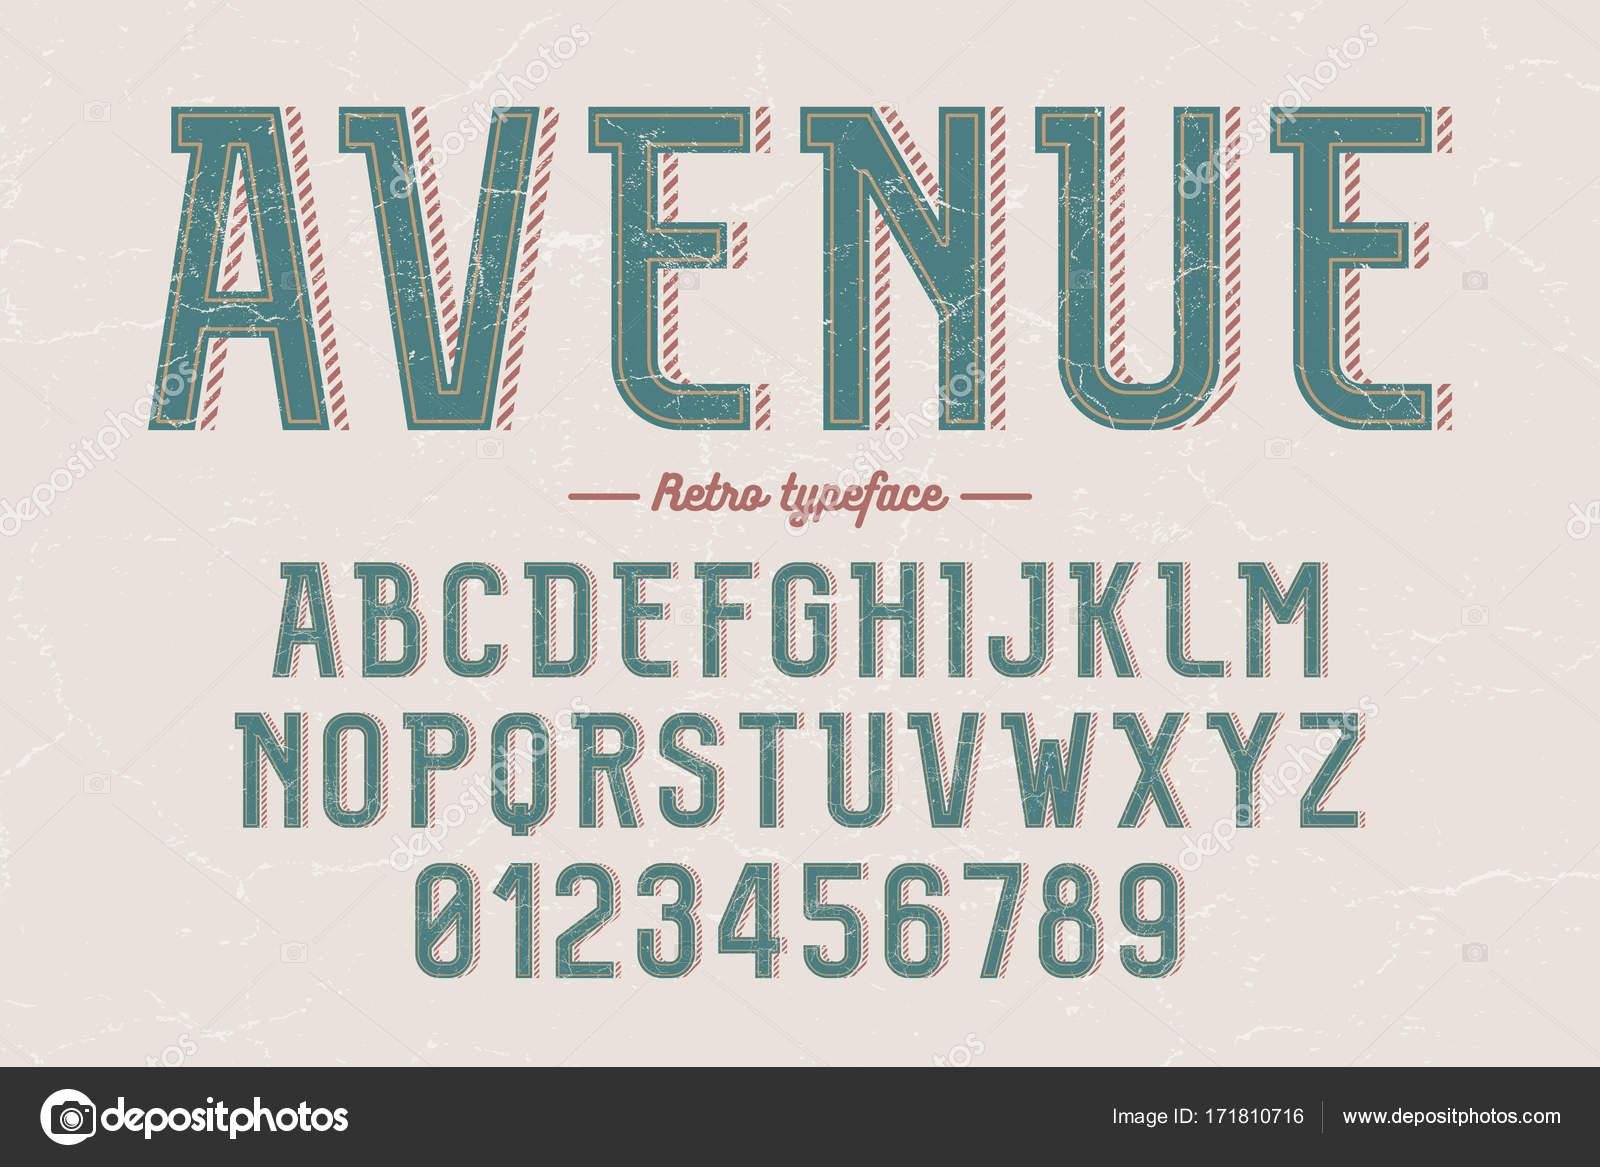 Typeface retrô vintage de vetor decorativos, fontes, letras do